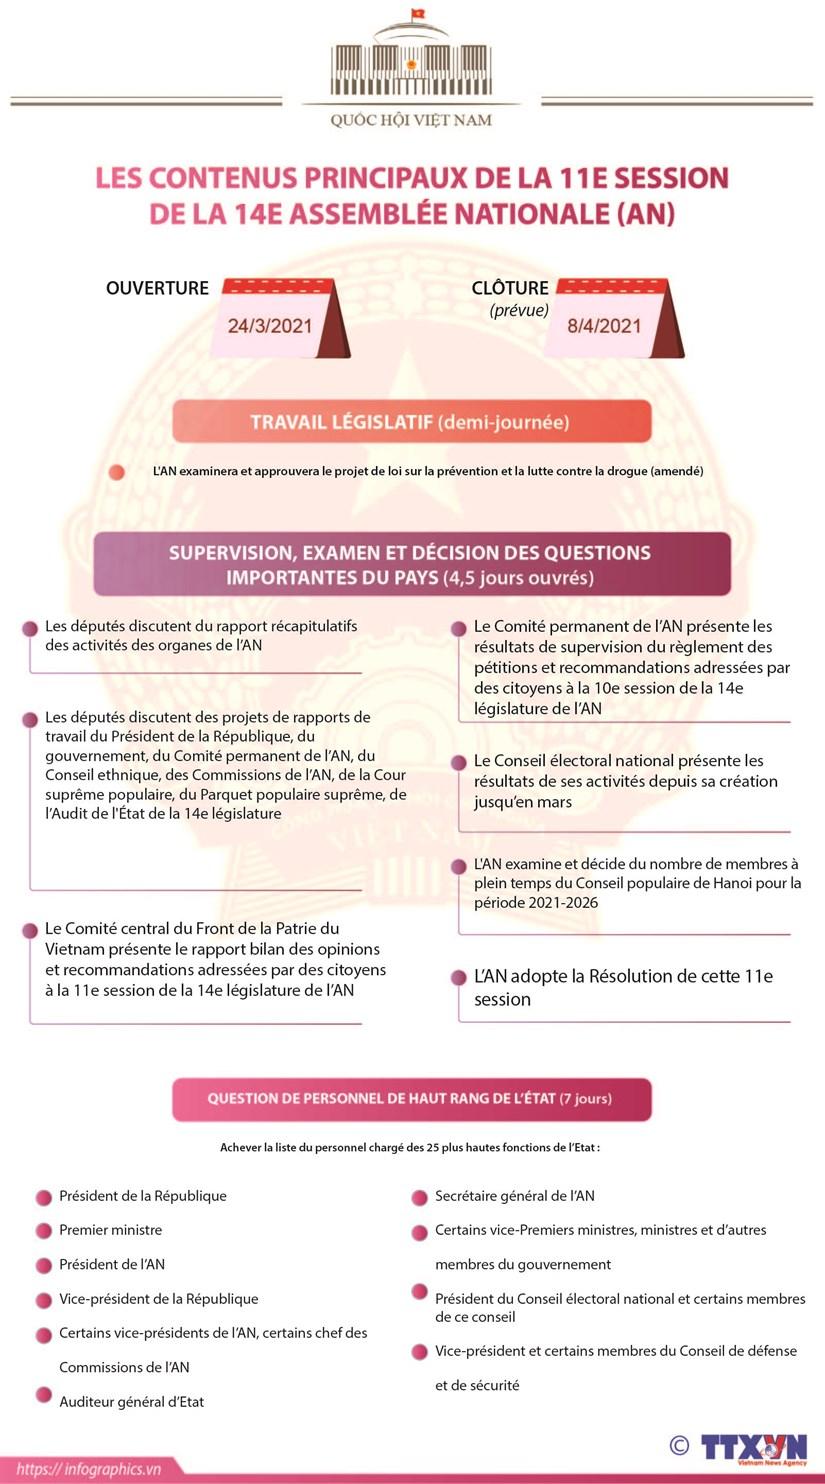 Les contenus principaux de la 11e session de la 14e Assemblee nationale hinh anh 1